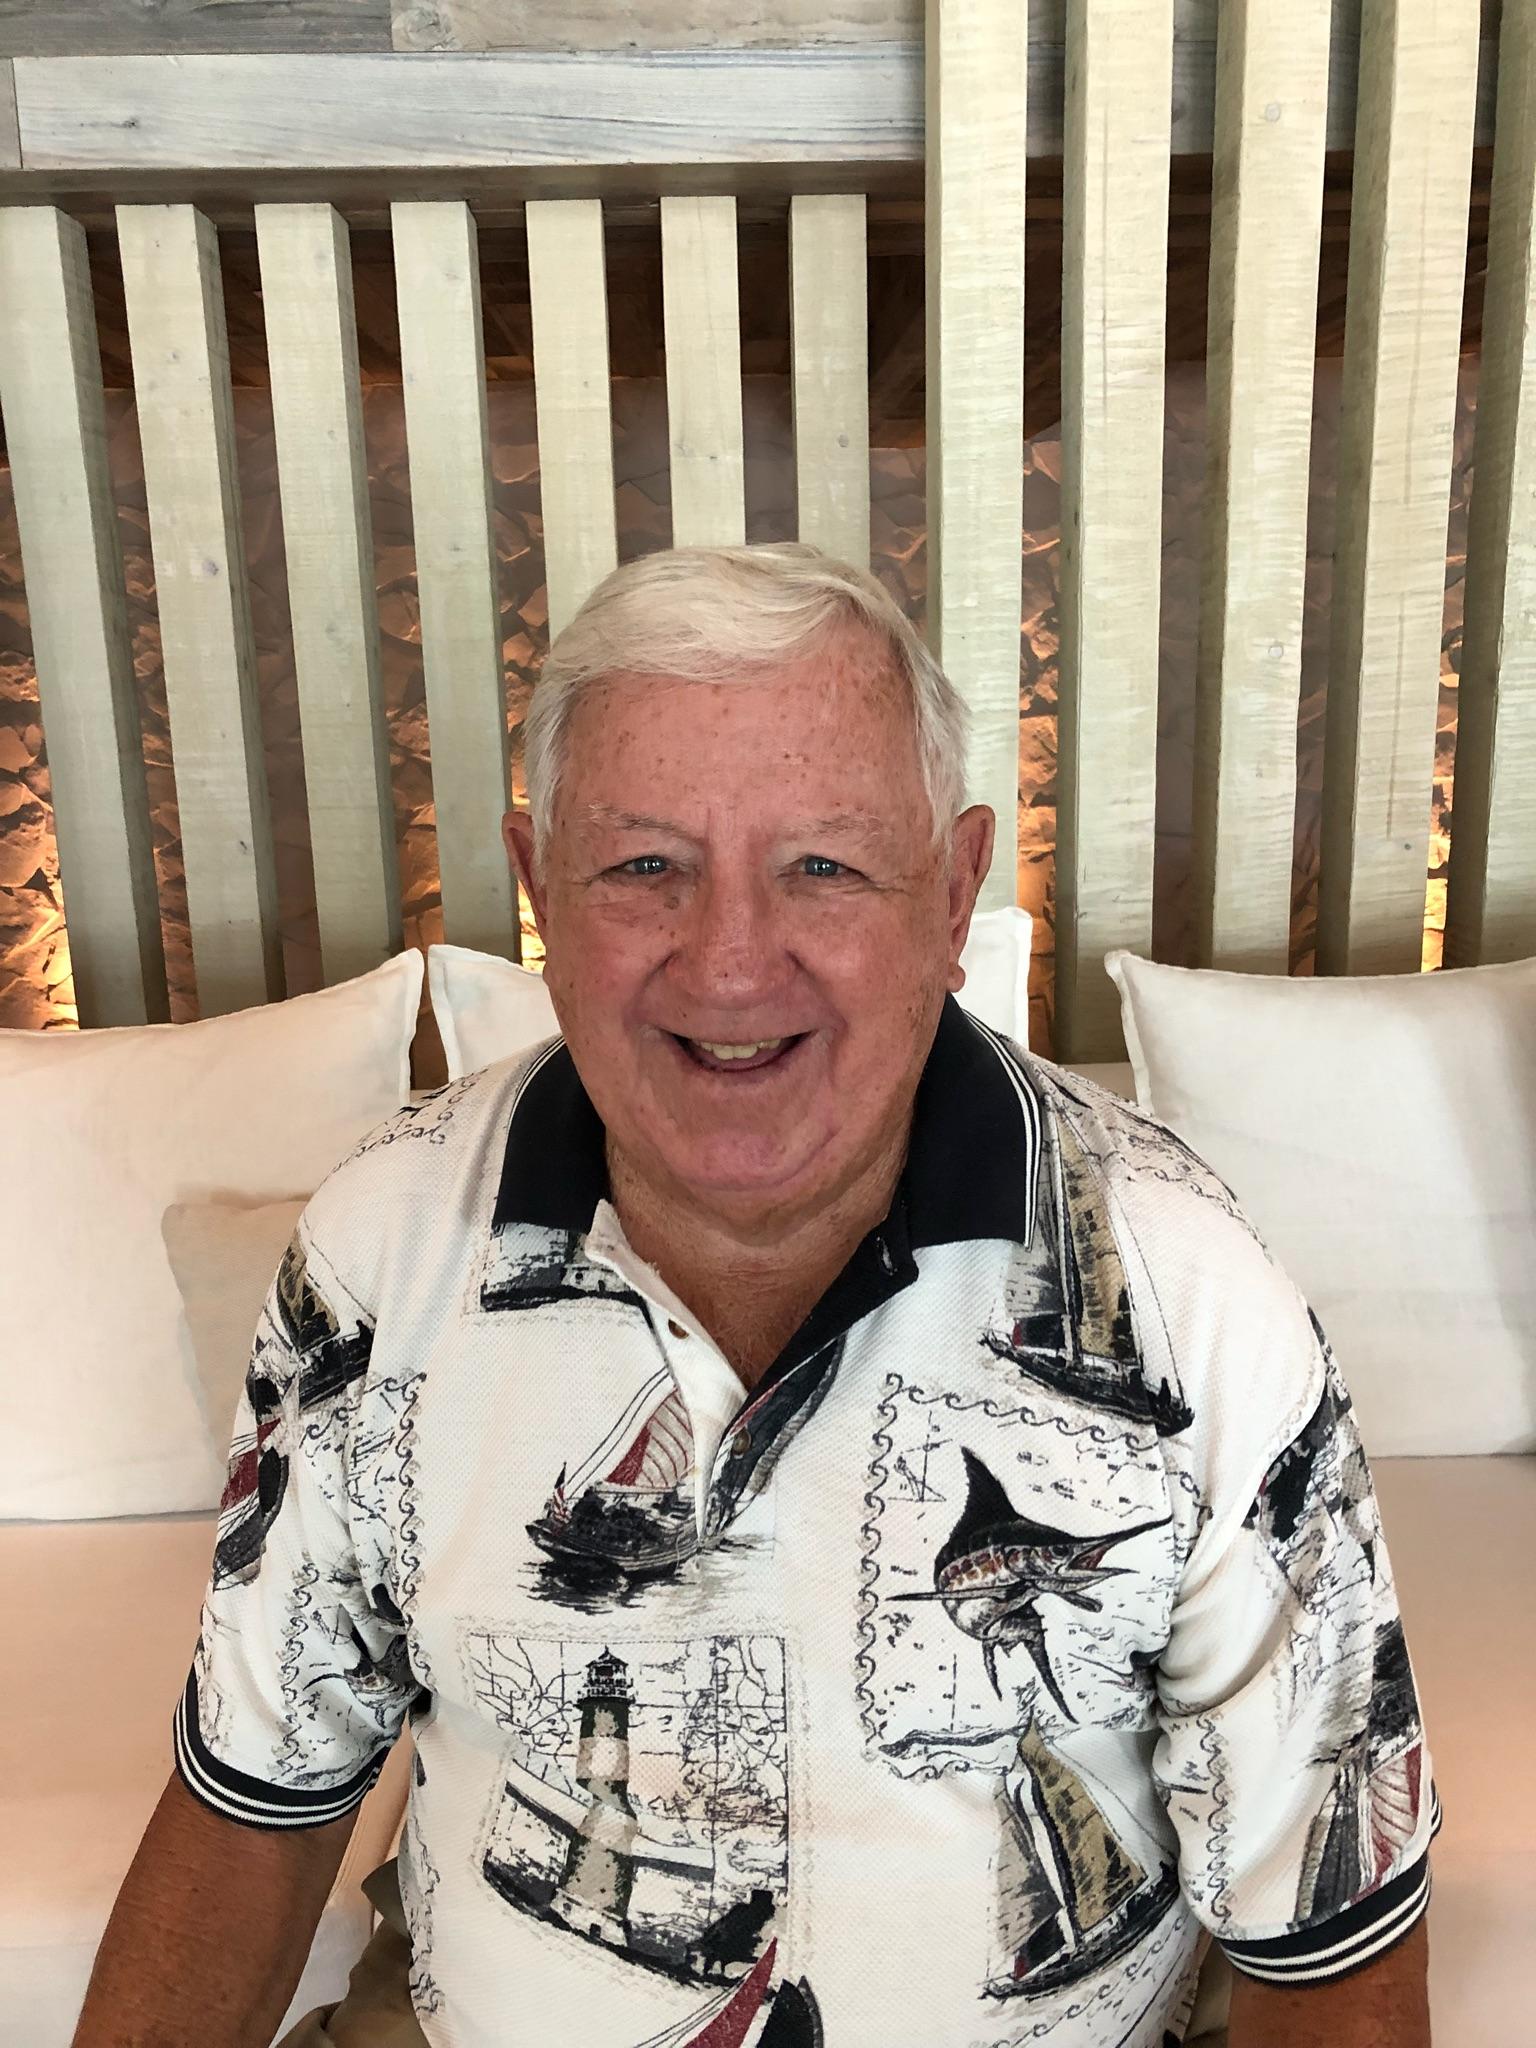 Larry-Rogers